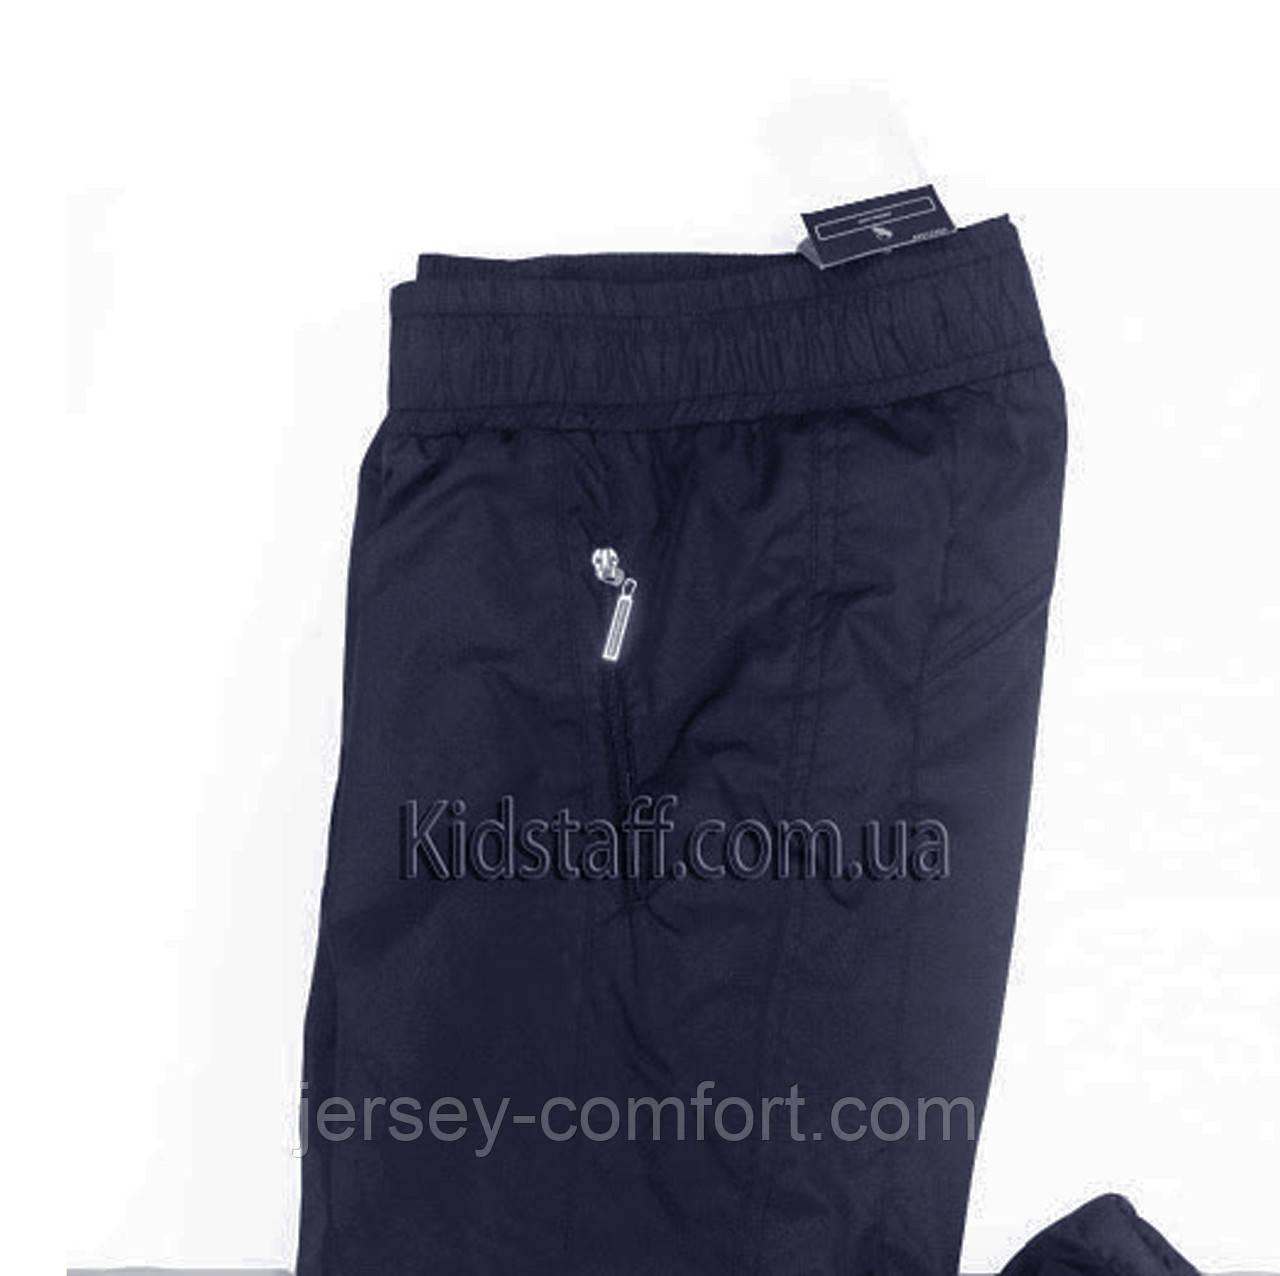 Зимние брюки женские спортивные. Брюки  женские утепленные плащевка(флис)